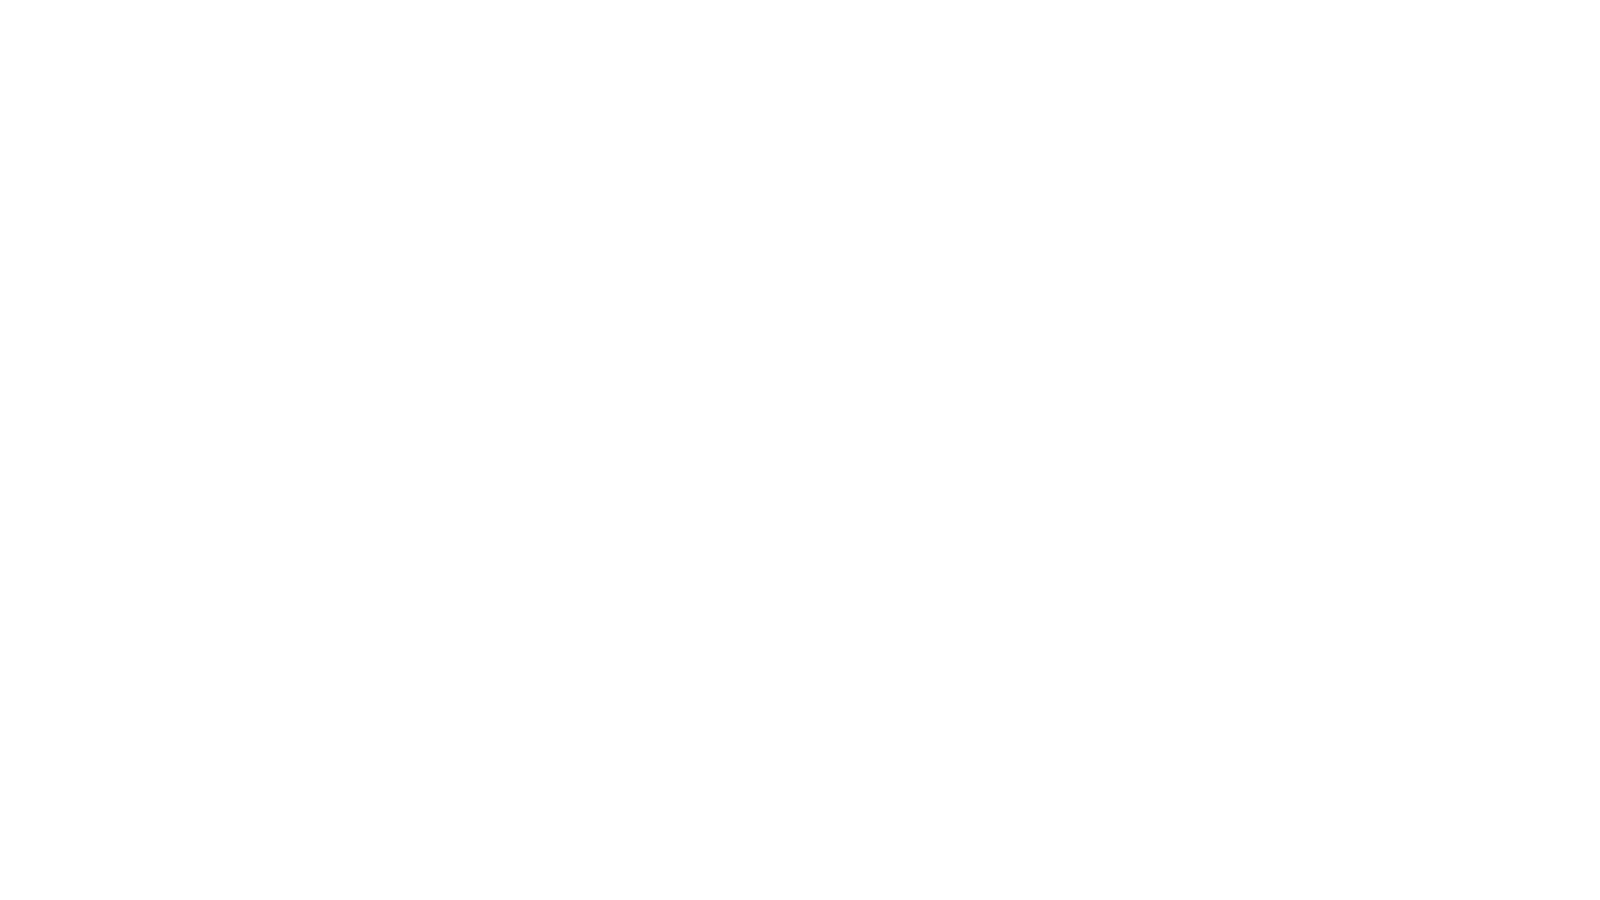 नाट्टाले उडाएको भाडादरमा नेपालगन्ज-पाेखरा चार्टर उडान गर्न चुनाैती - अध्यक्ष सिग्देल